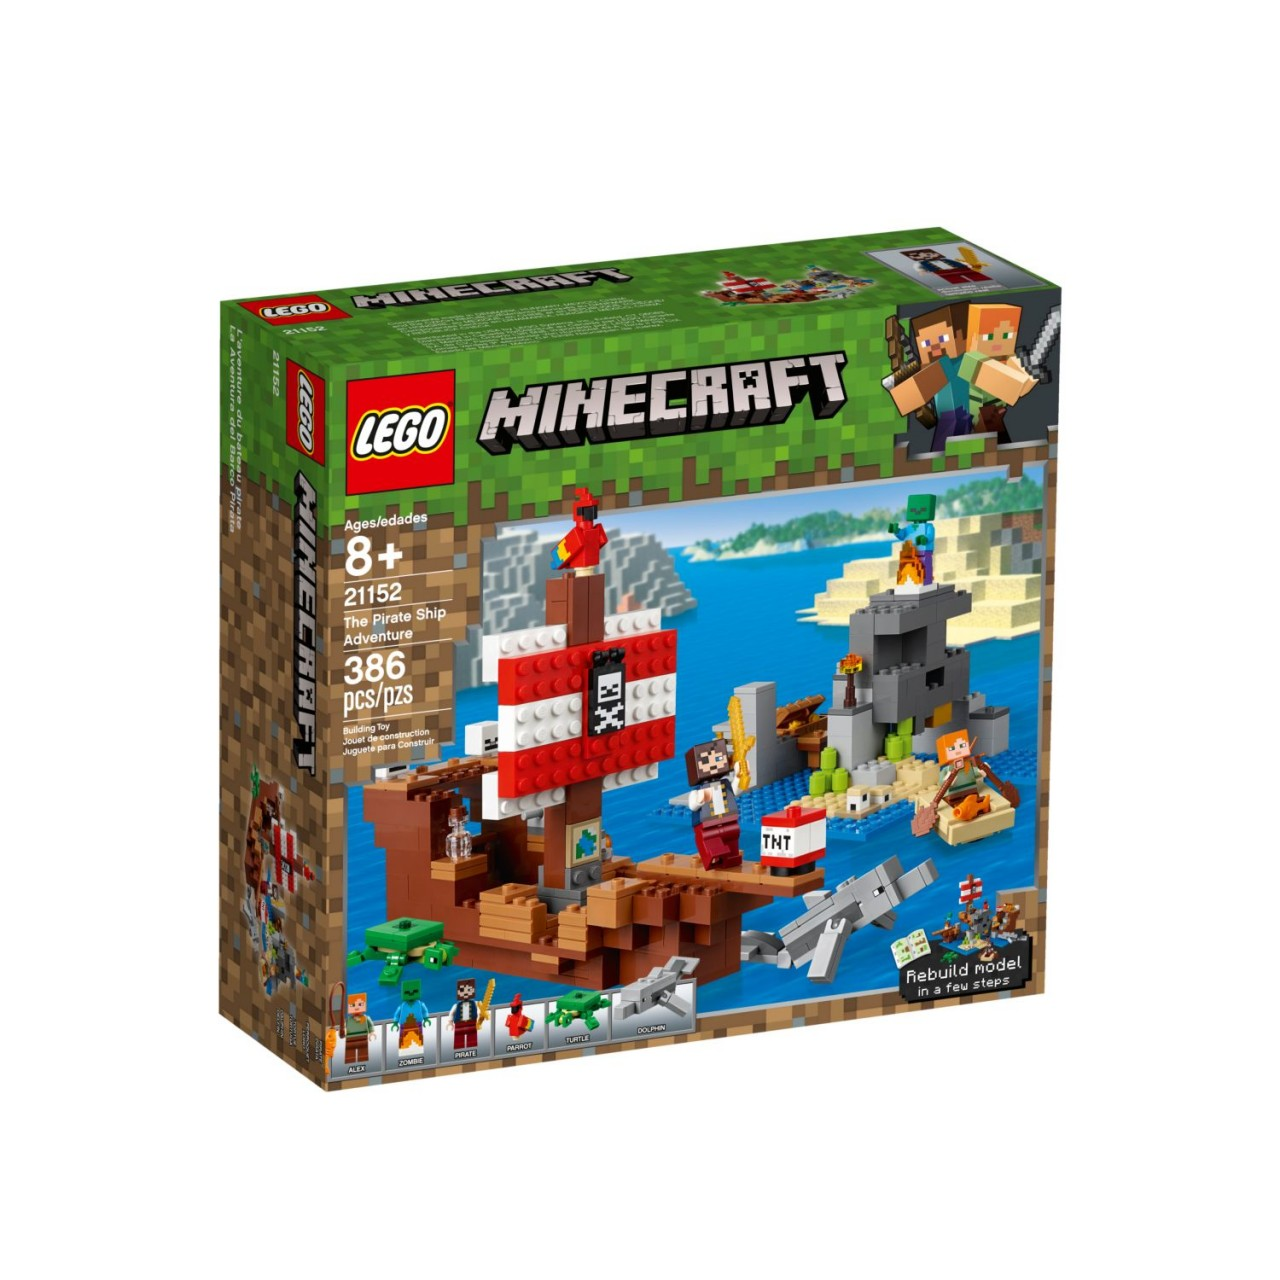 LEGO MINECRAFT 21152 Das Piratenschiff-Abenteuer